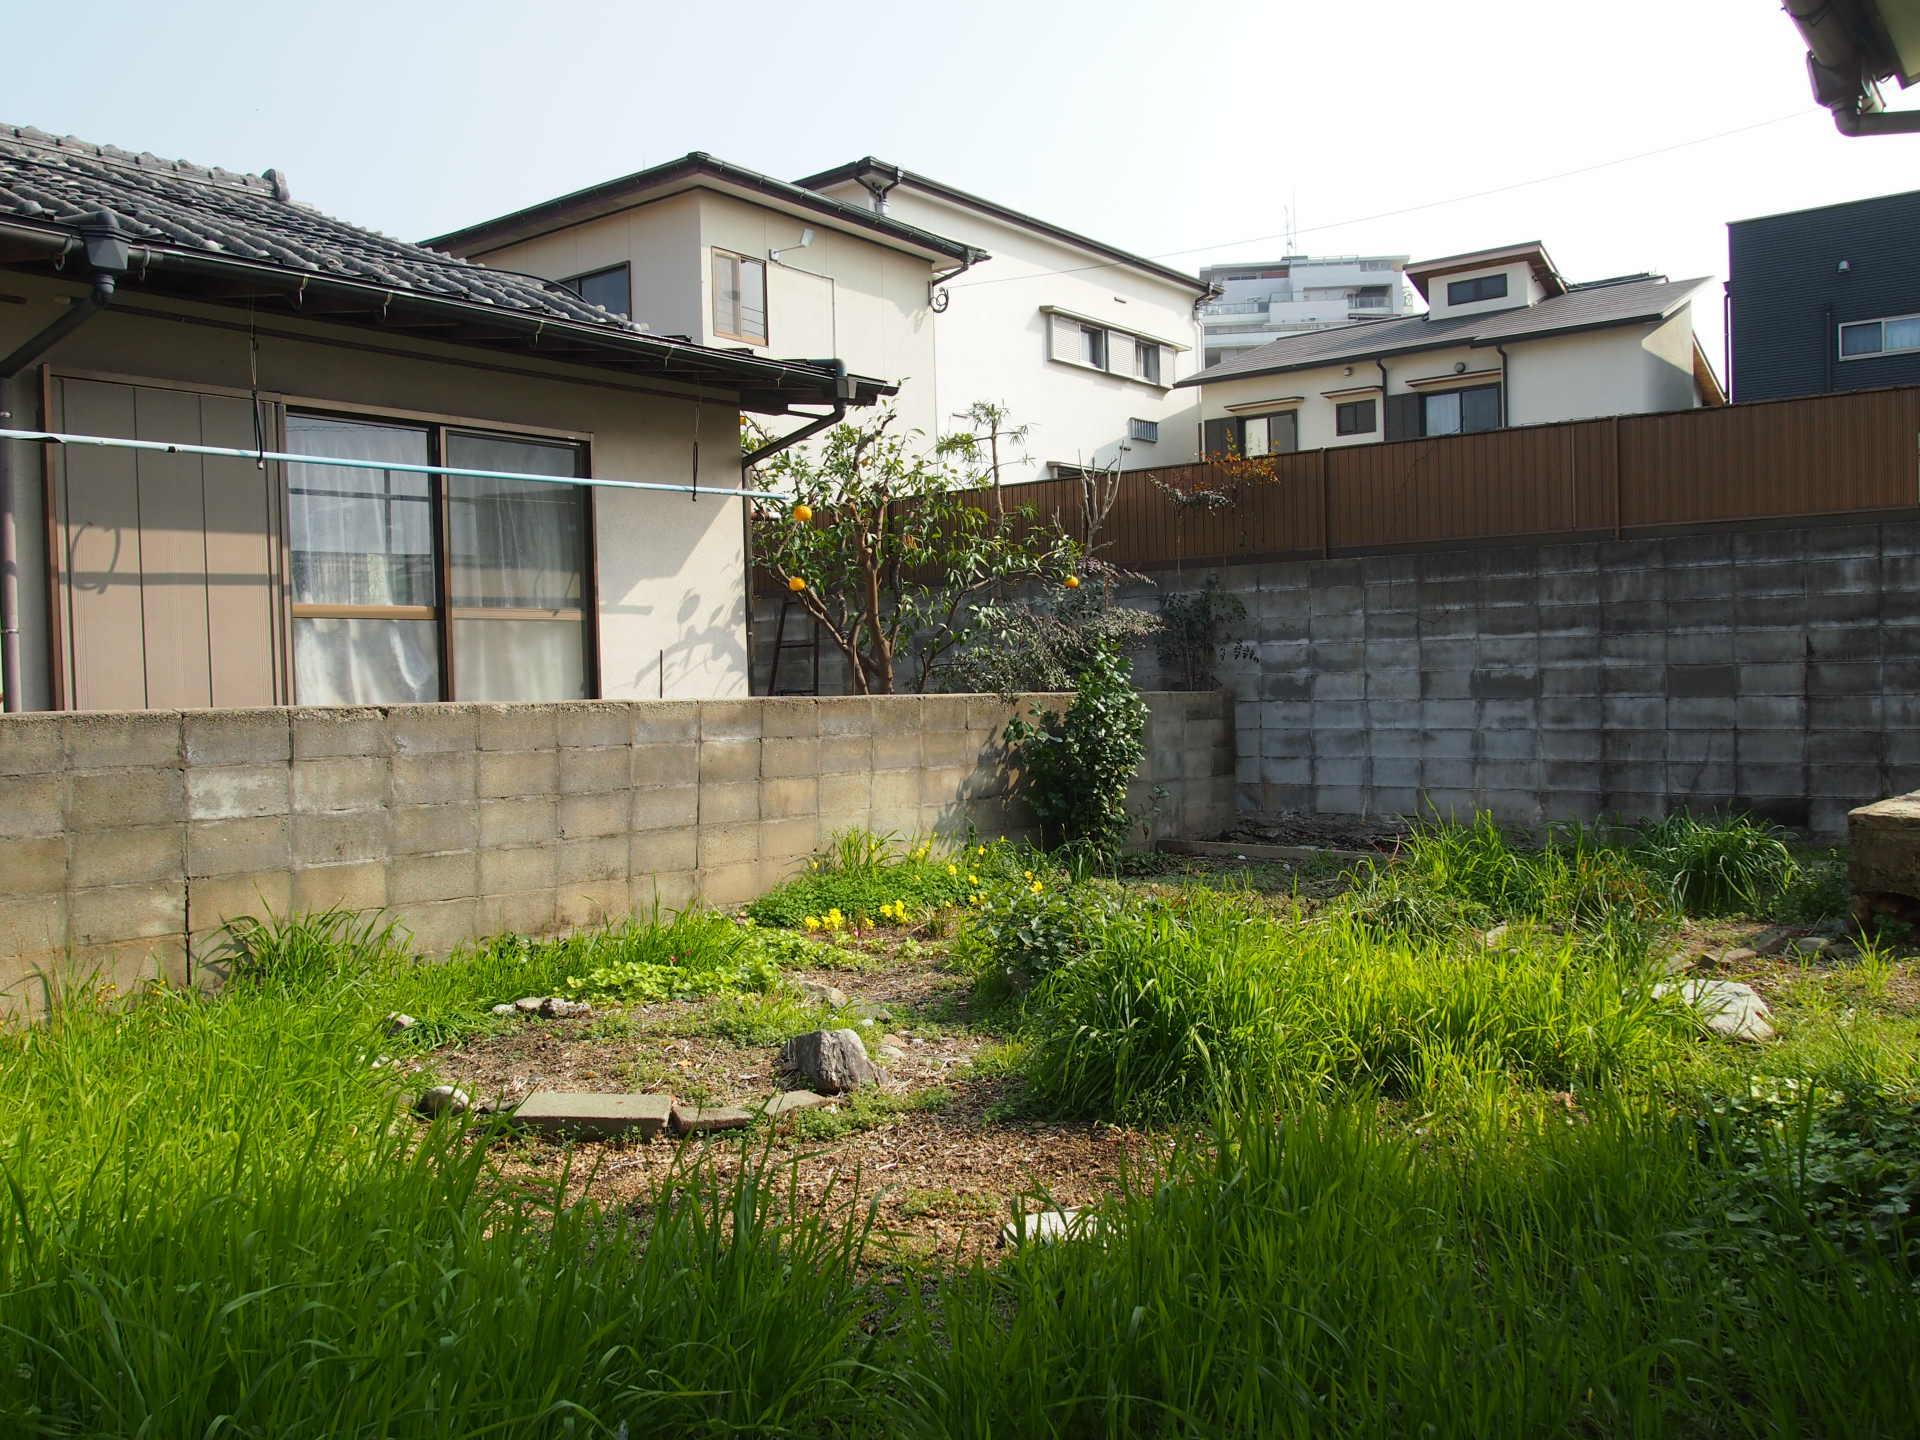 中庭広い!草抜きだけ頑張れば憩いの広場になるでしょう!